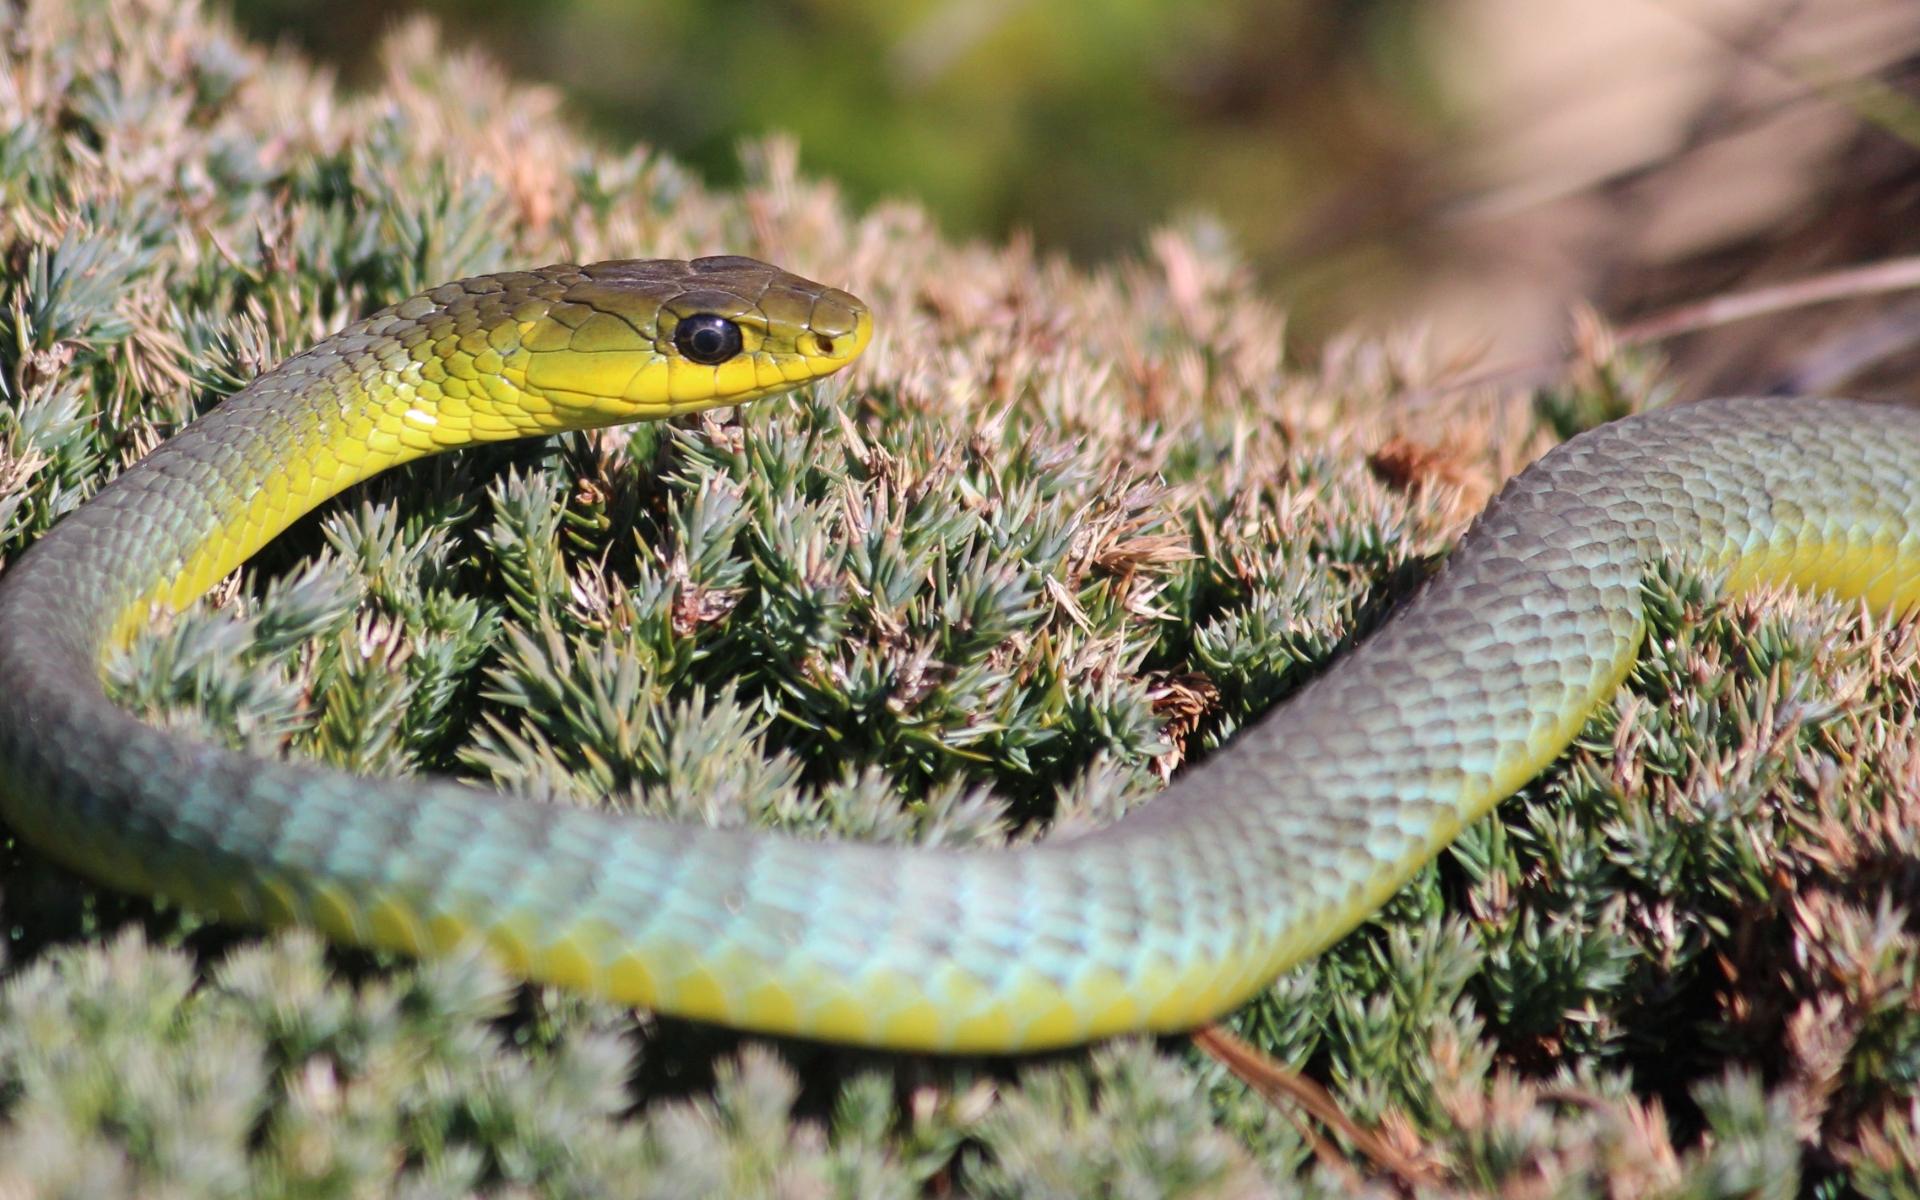 Serpiente verde de arboles - 1920x1200